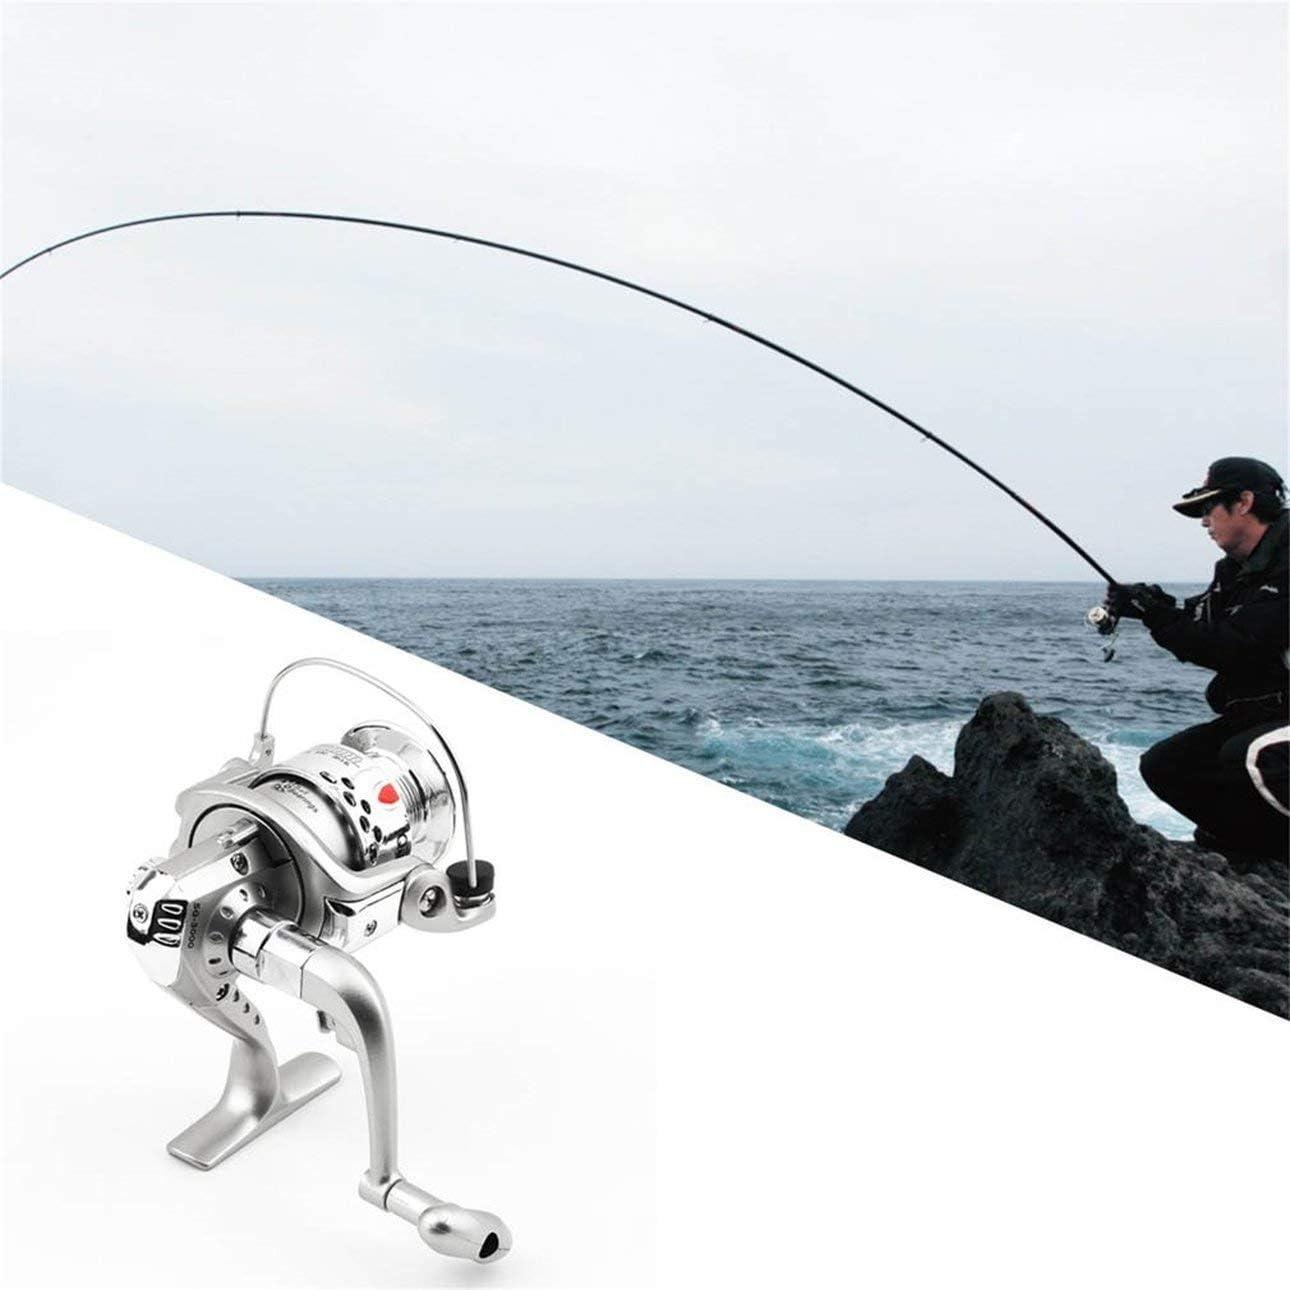 Greatangle 5.1 1 6BB Rodamientos de Bolas Pesca Carrete Giratorio Izquierda//Derecha SG-3000 ABS Carrete Barco de Pesca en Ocean Lake Flow 0